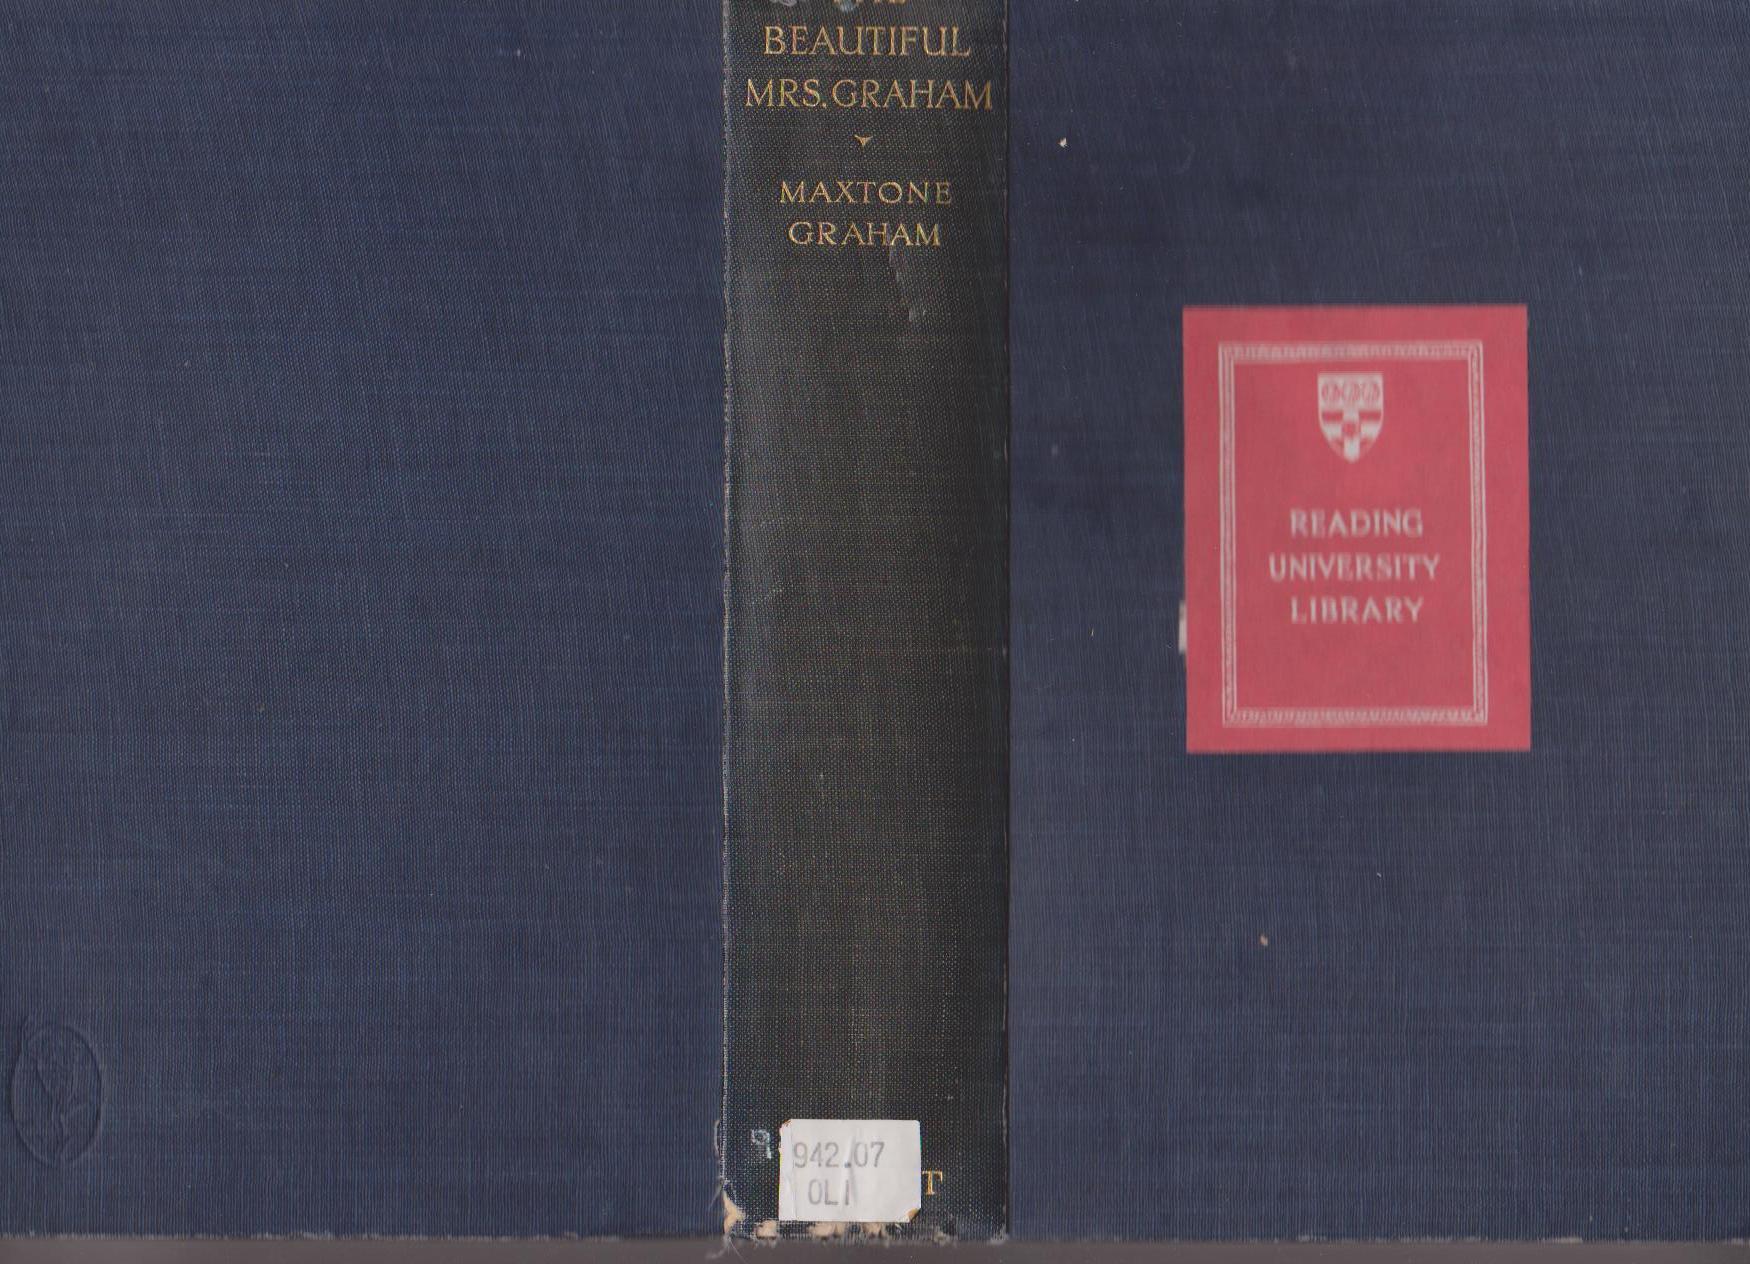 The Beautiful Mrs Graham - Maxtone Graham - 1927